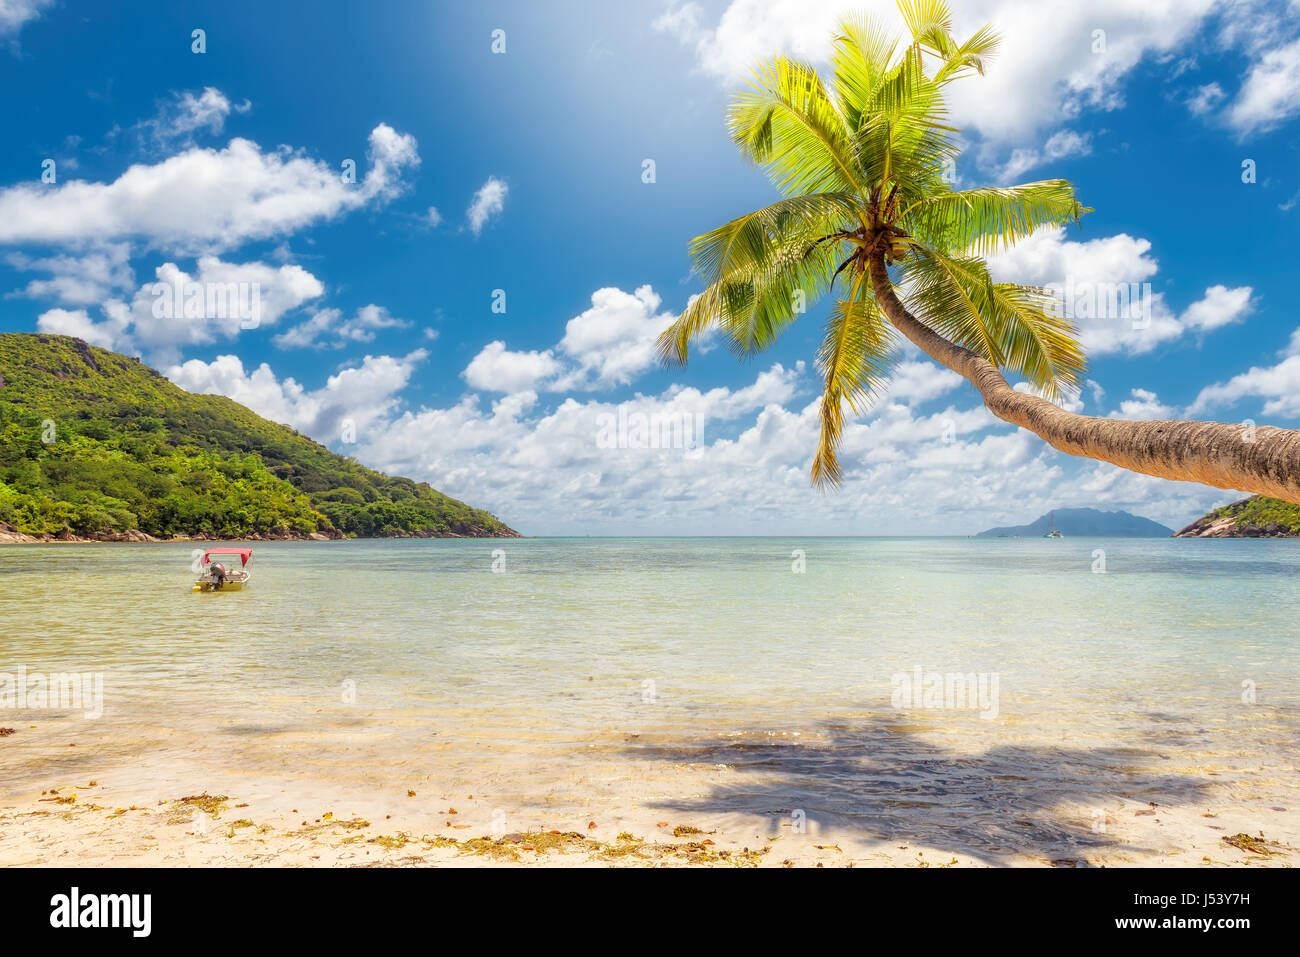 Palmiers sur la plage sous la mer à sunny day Photo Stock